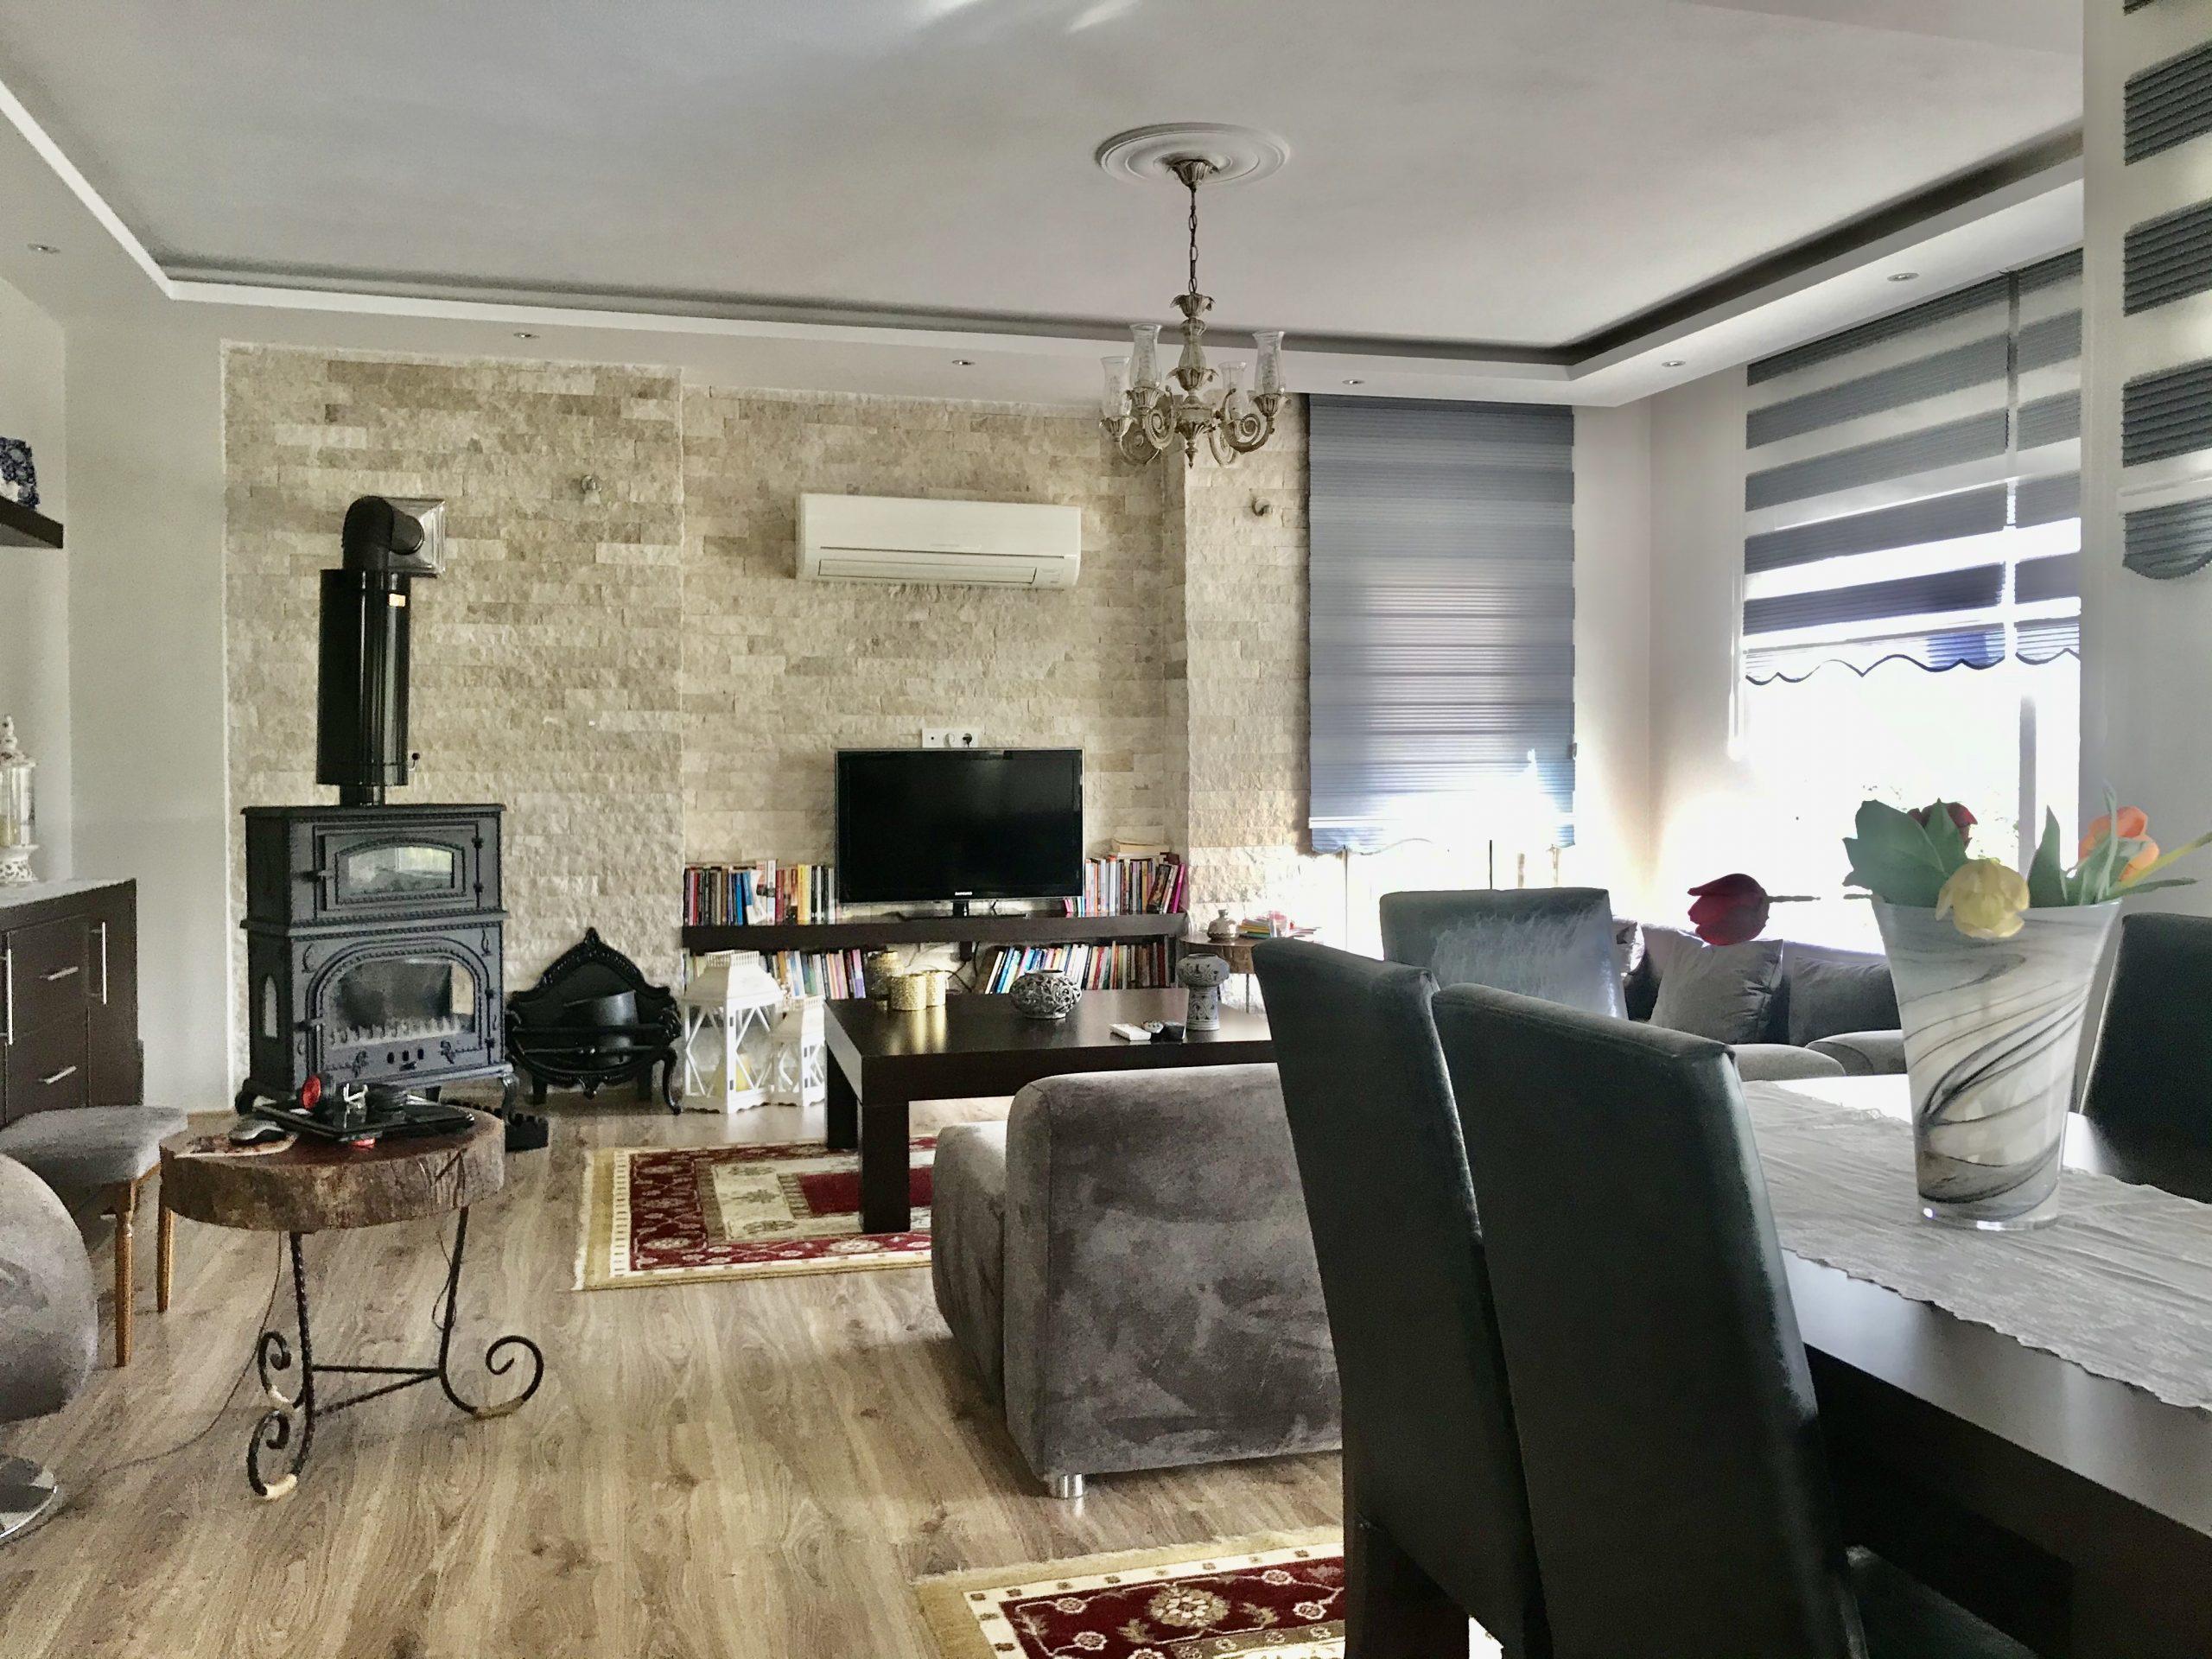 778 m2 Arsa İçinde Satılık Müstakil Villa